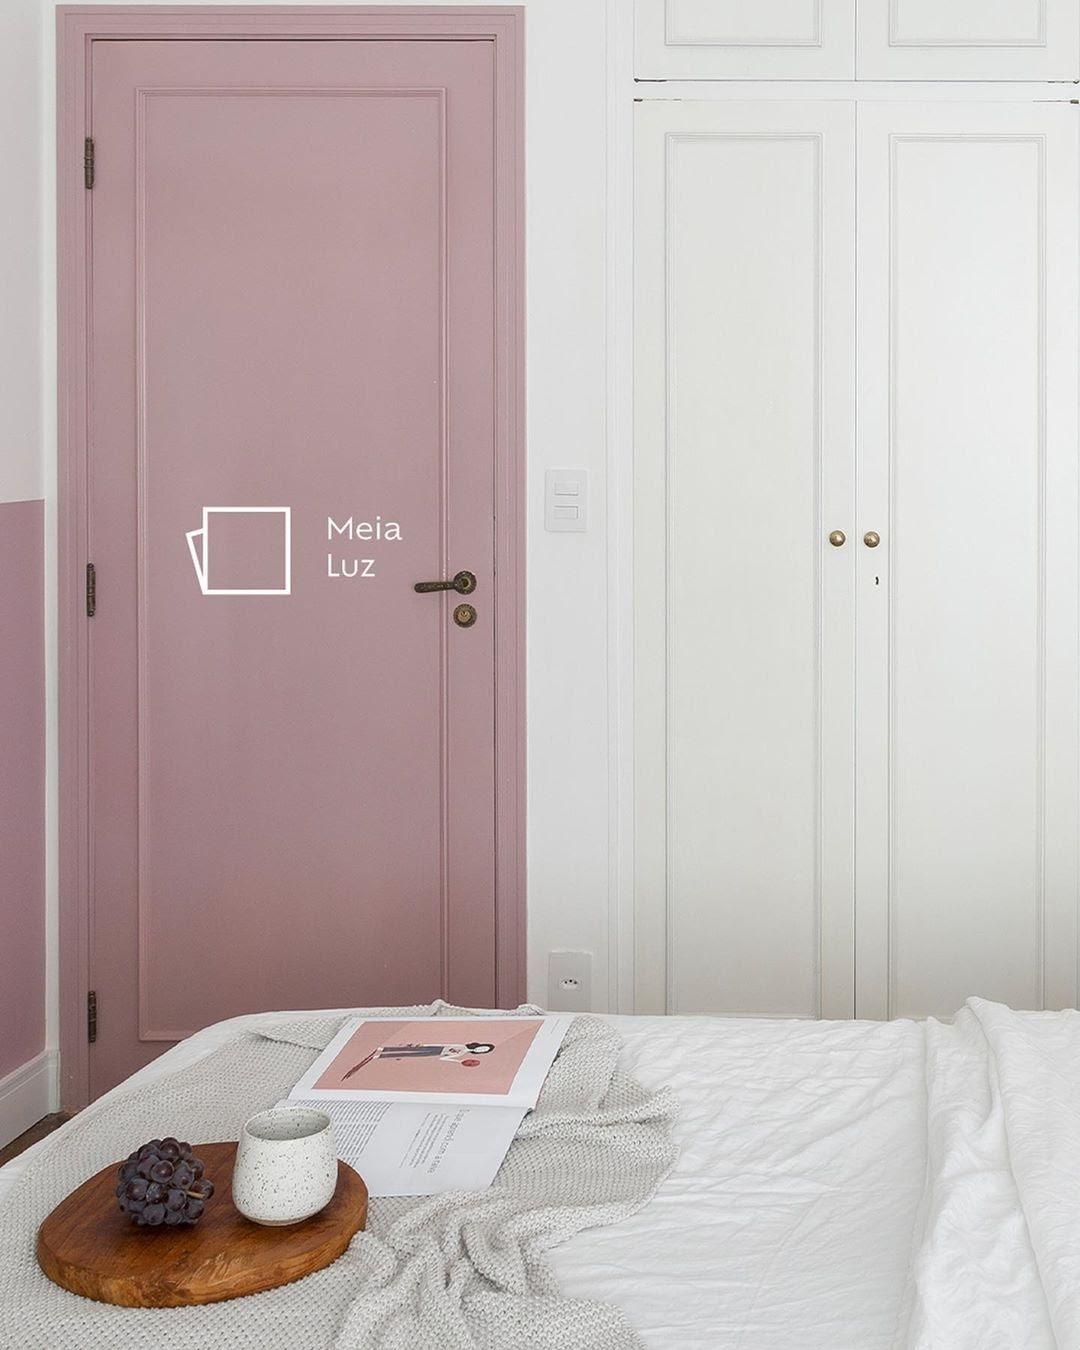 porta colorida rosa